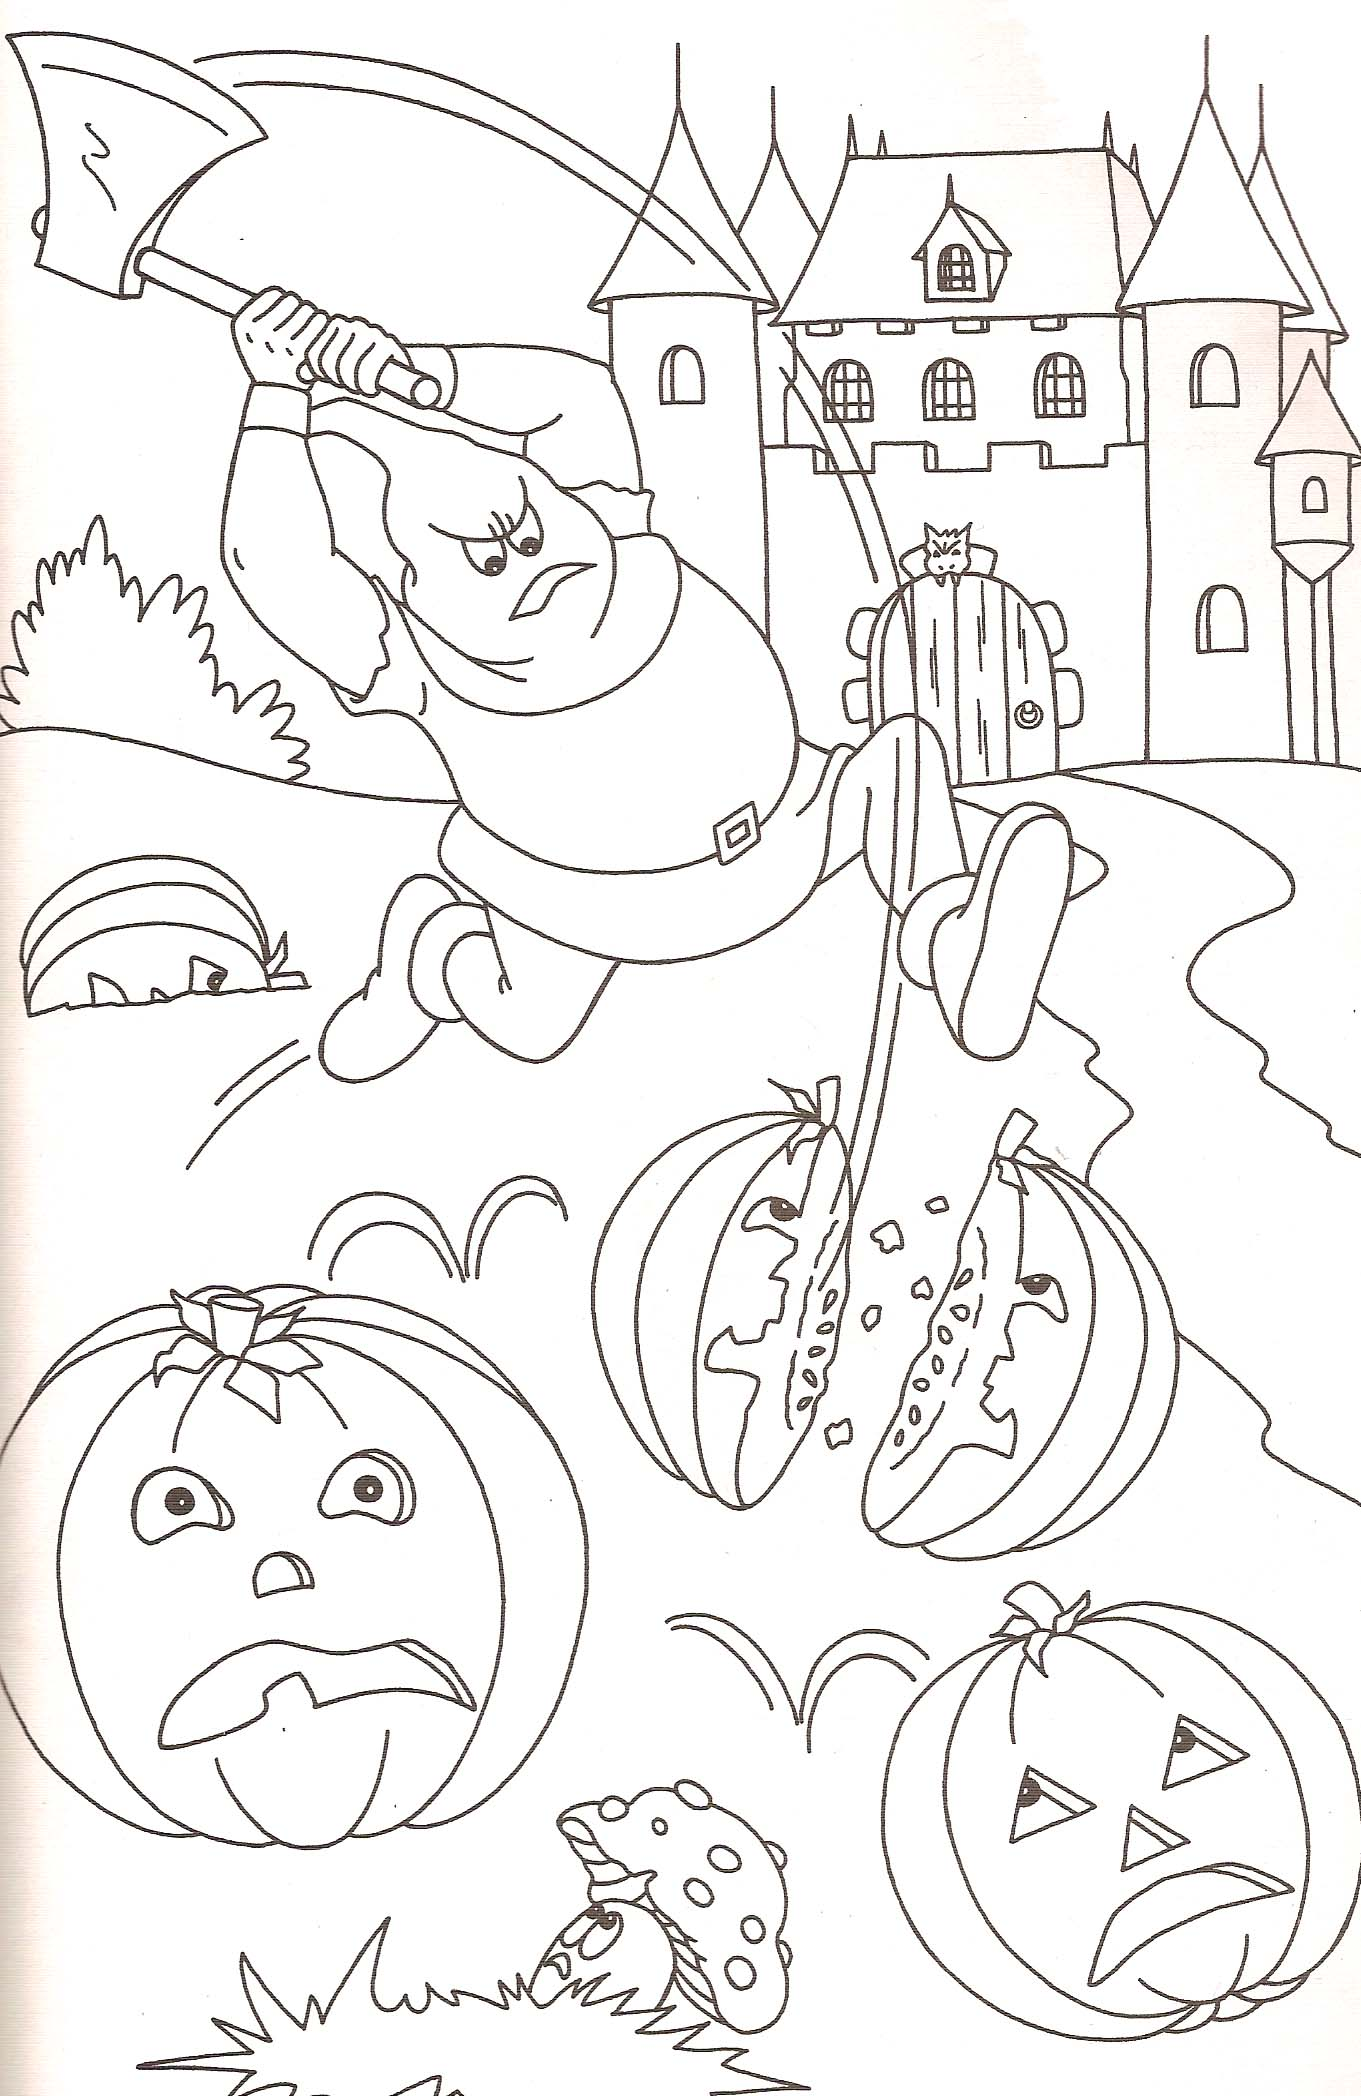 Coloriage citrouilles halloween - Citrouille coloriage ...